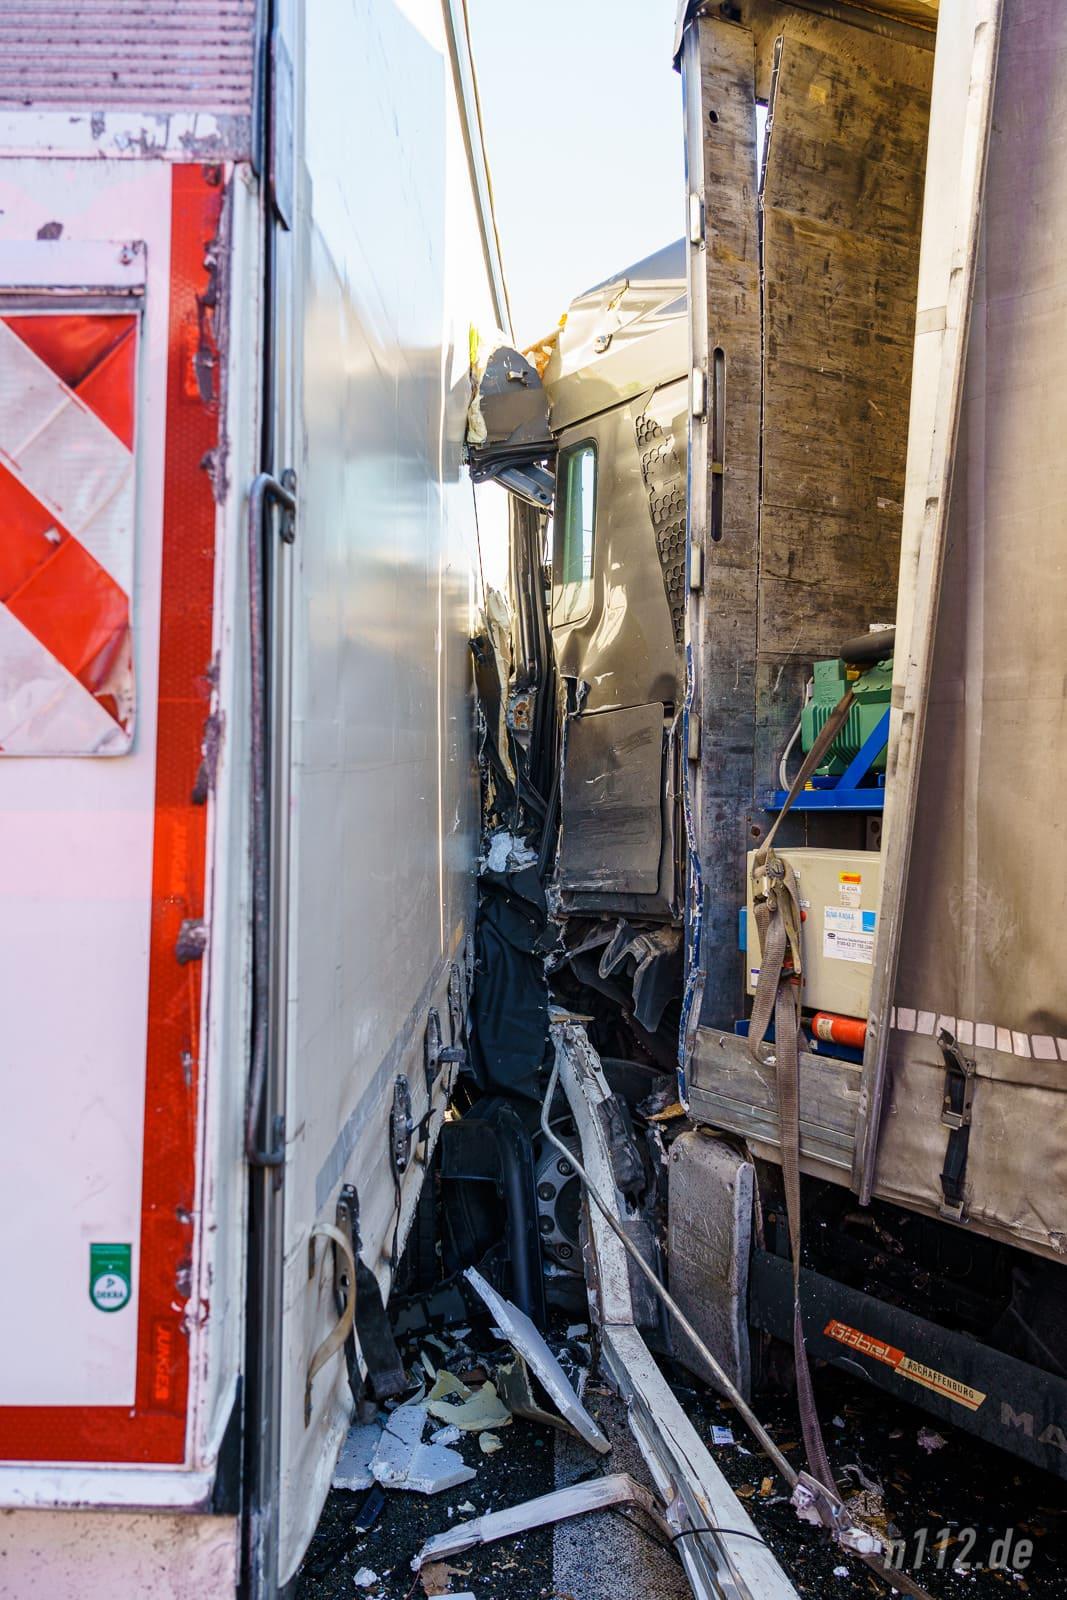 Unvorstellbare Kräfte: Die Zugmaschine des verursachenden Lastwagens wurde aufgerissen (Foto: n112.de/Stefan Simonsen)